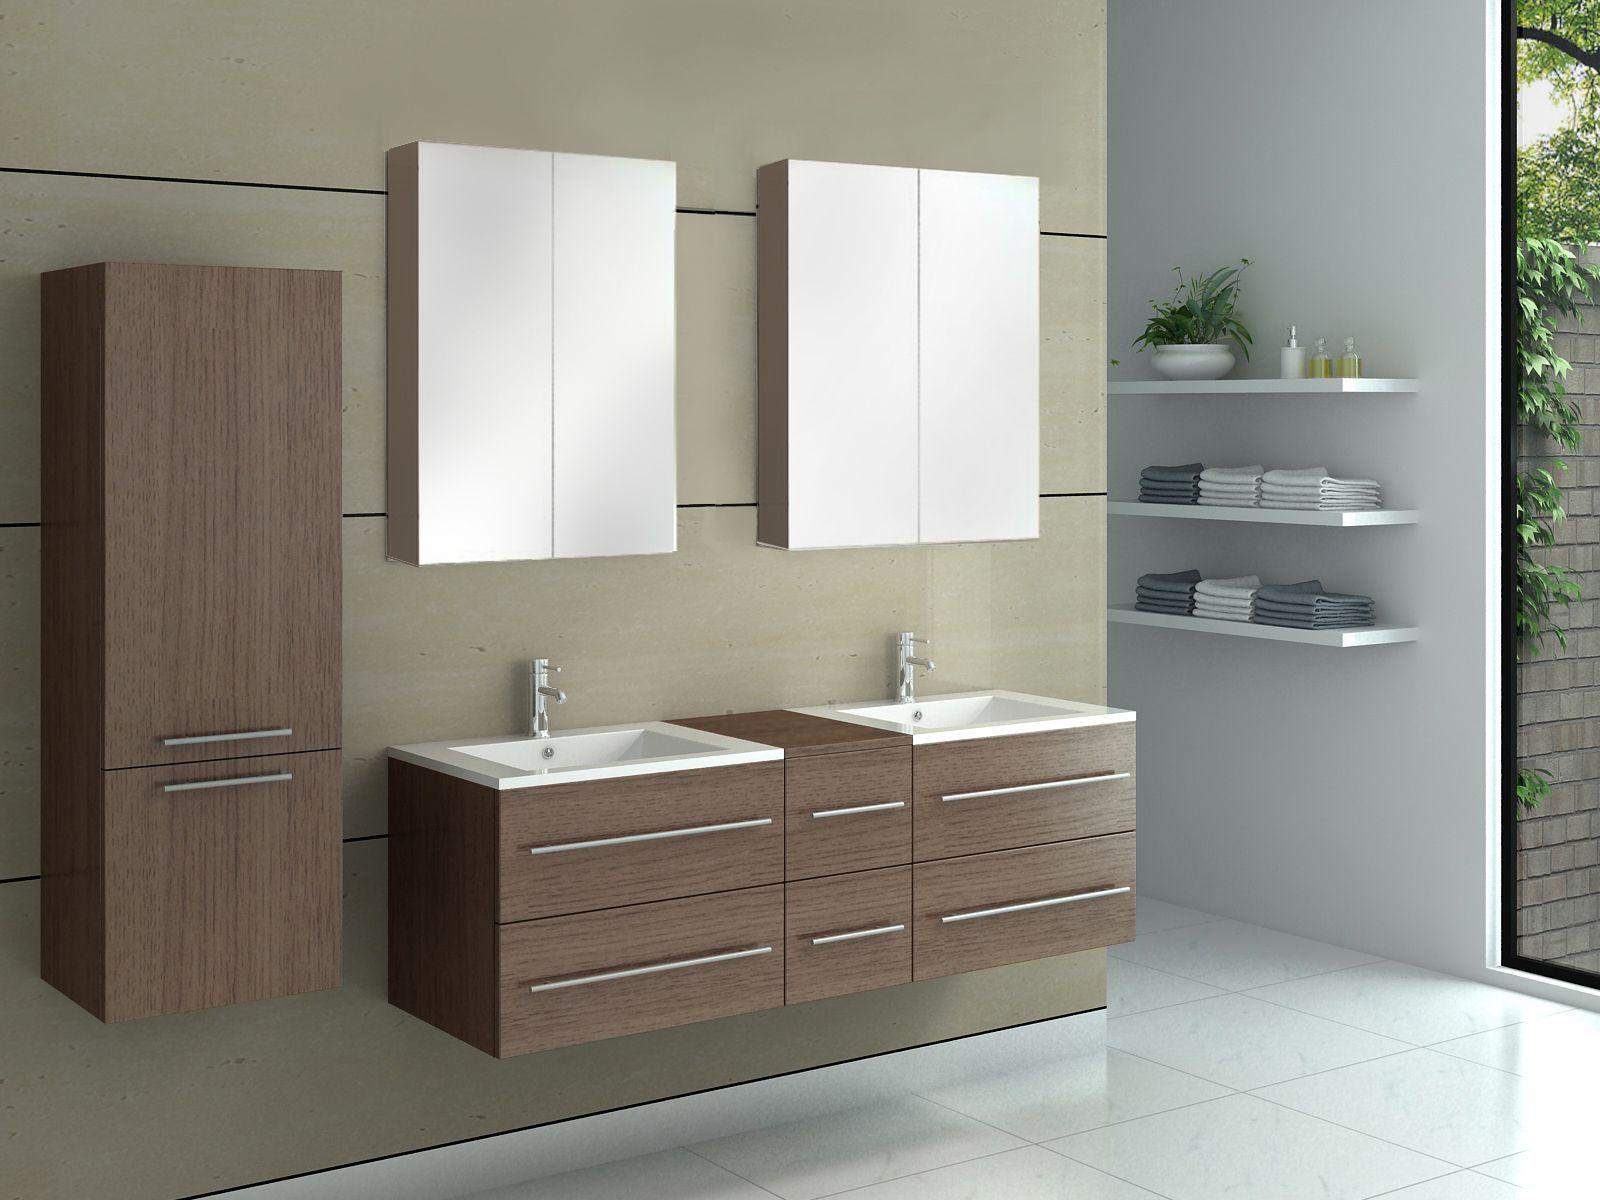 Badezimmer Komplettset ~ 22 best badmöbel images on pinterest velvet bb and bathroom